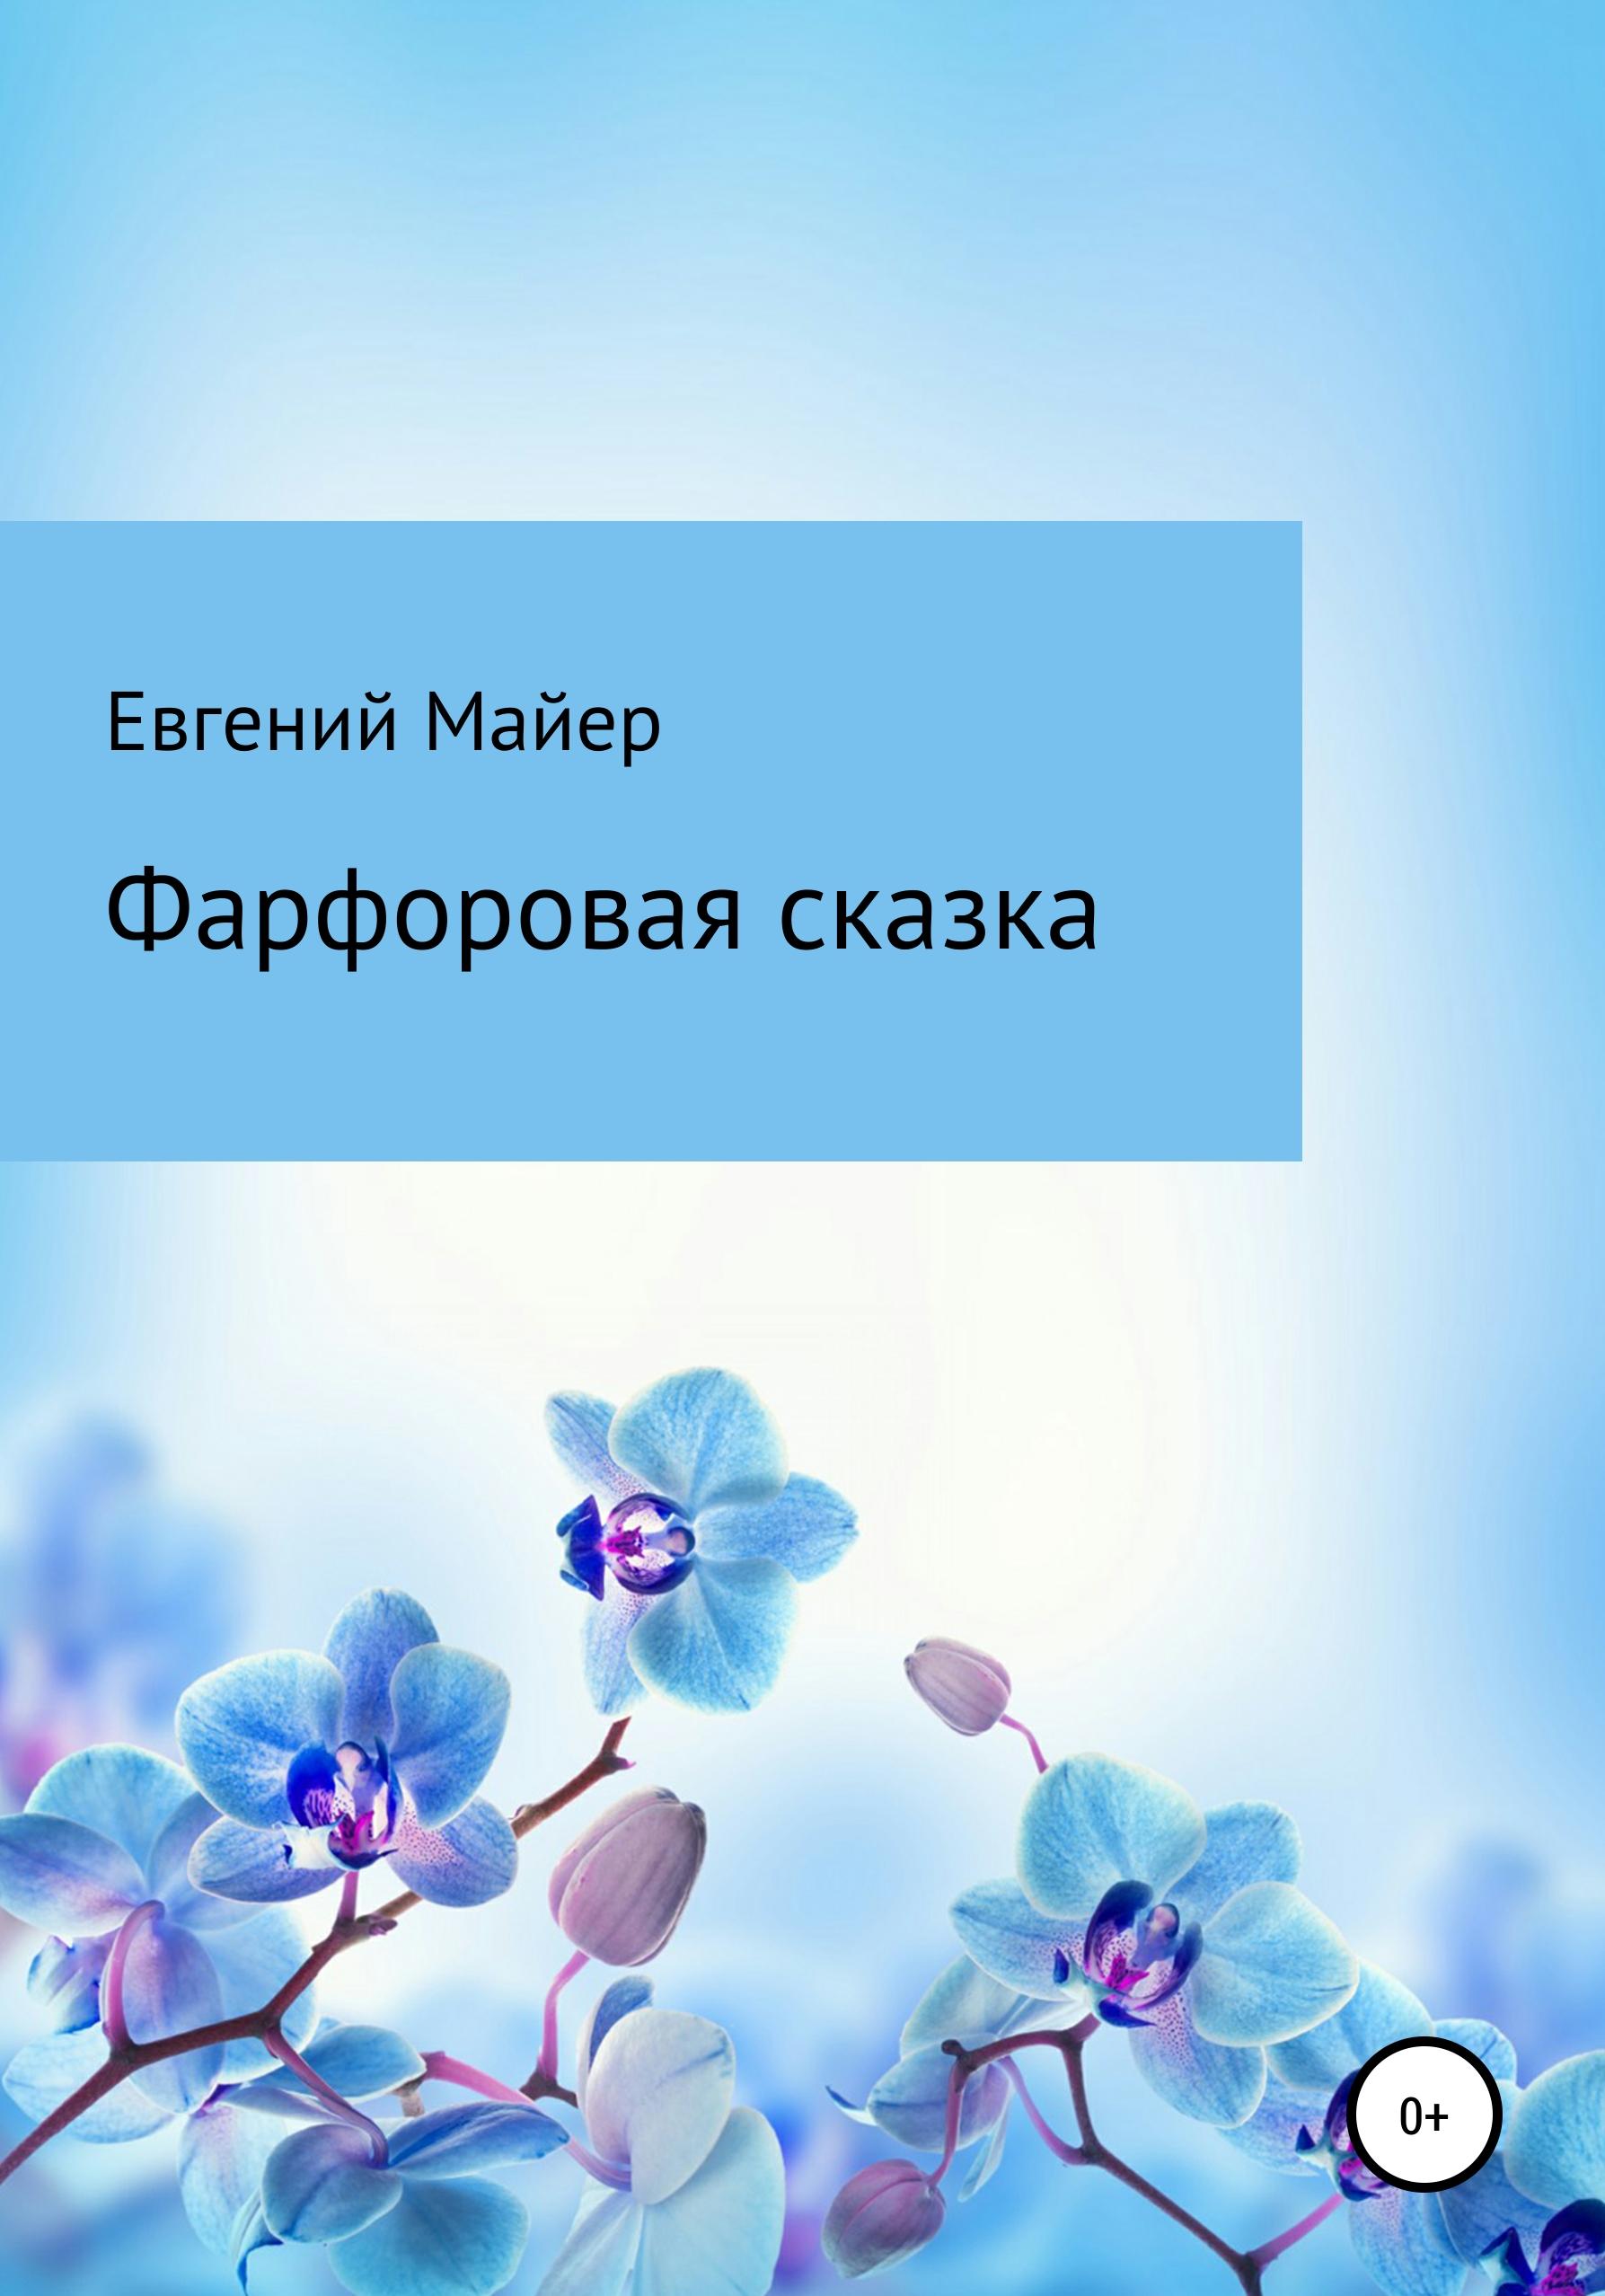 Купить книгу Фарфоровая сказка, автора Евгения Майера